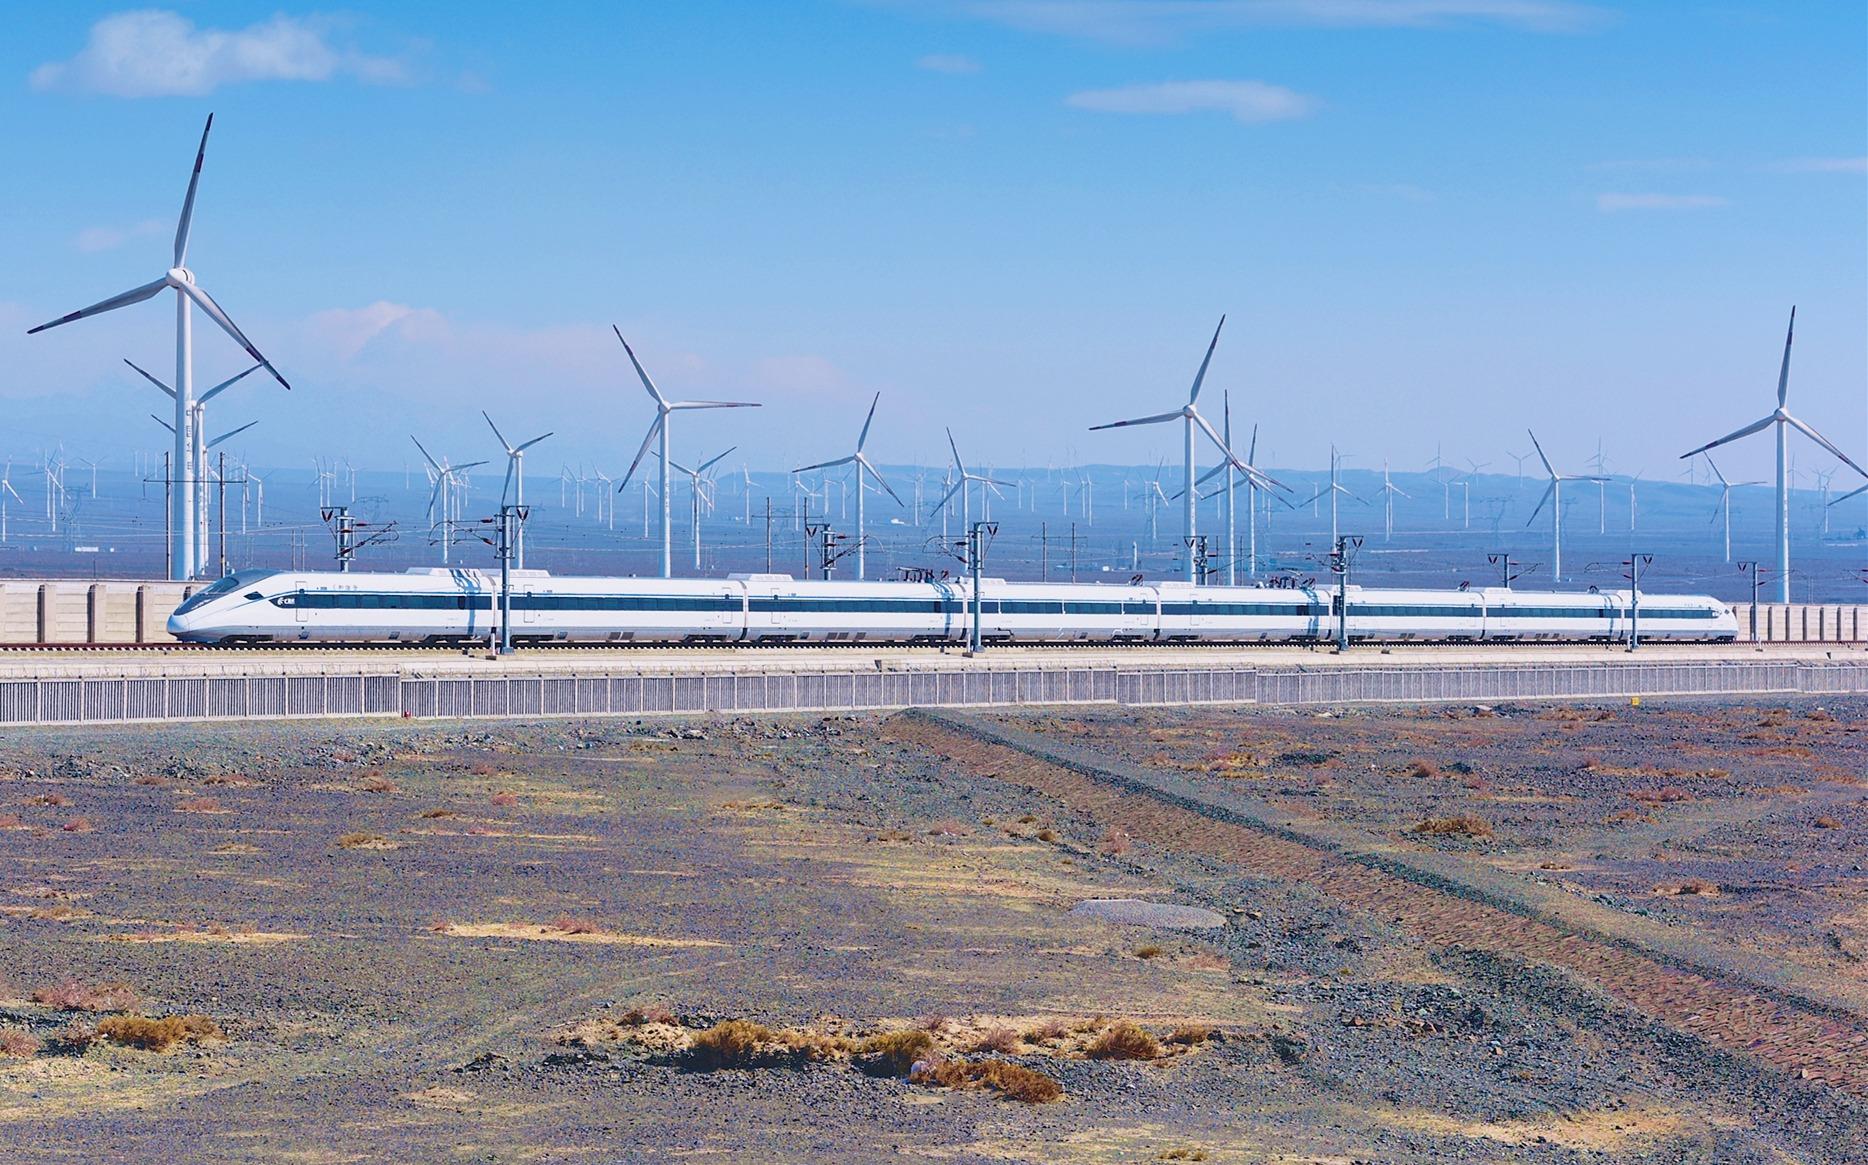 中国高铁位居世界第一,却仍有两个省区没有开通高铁